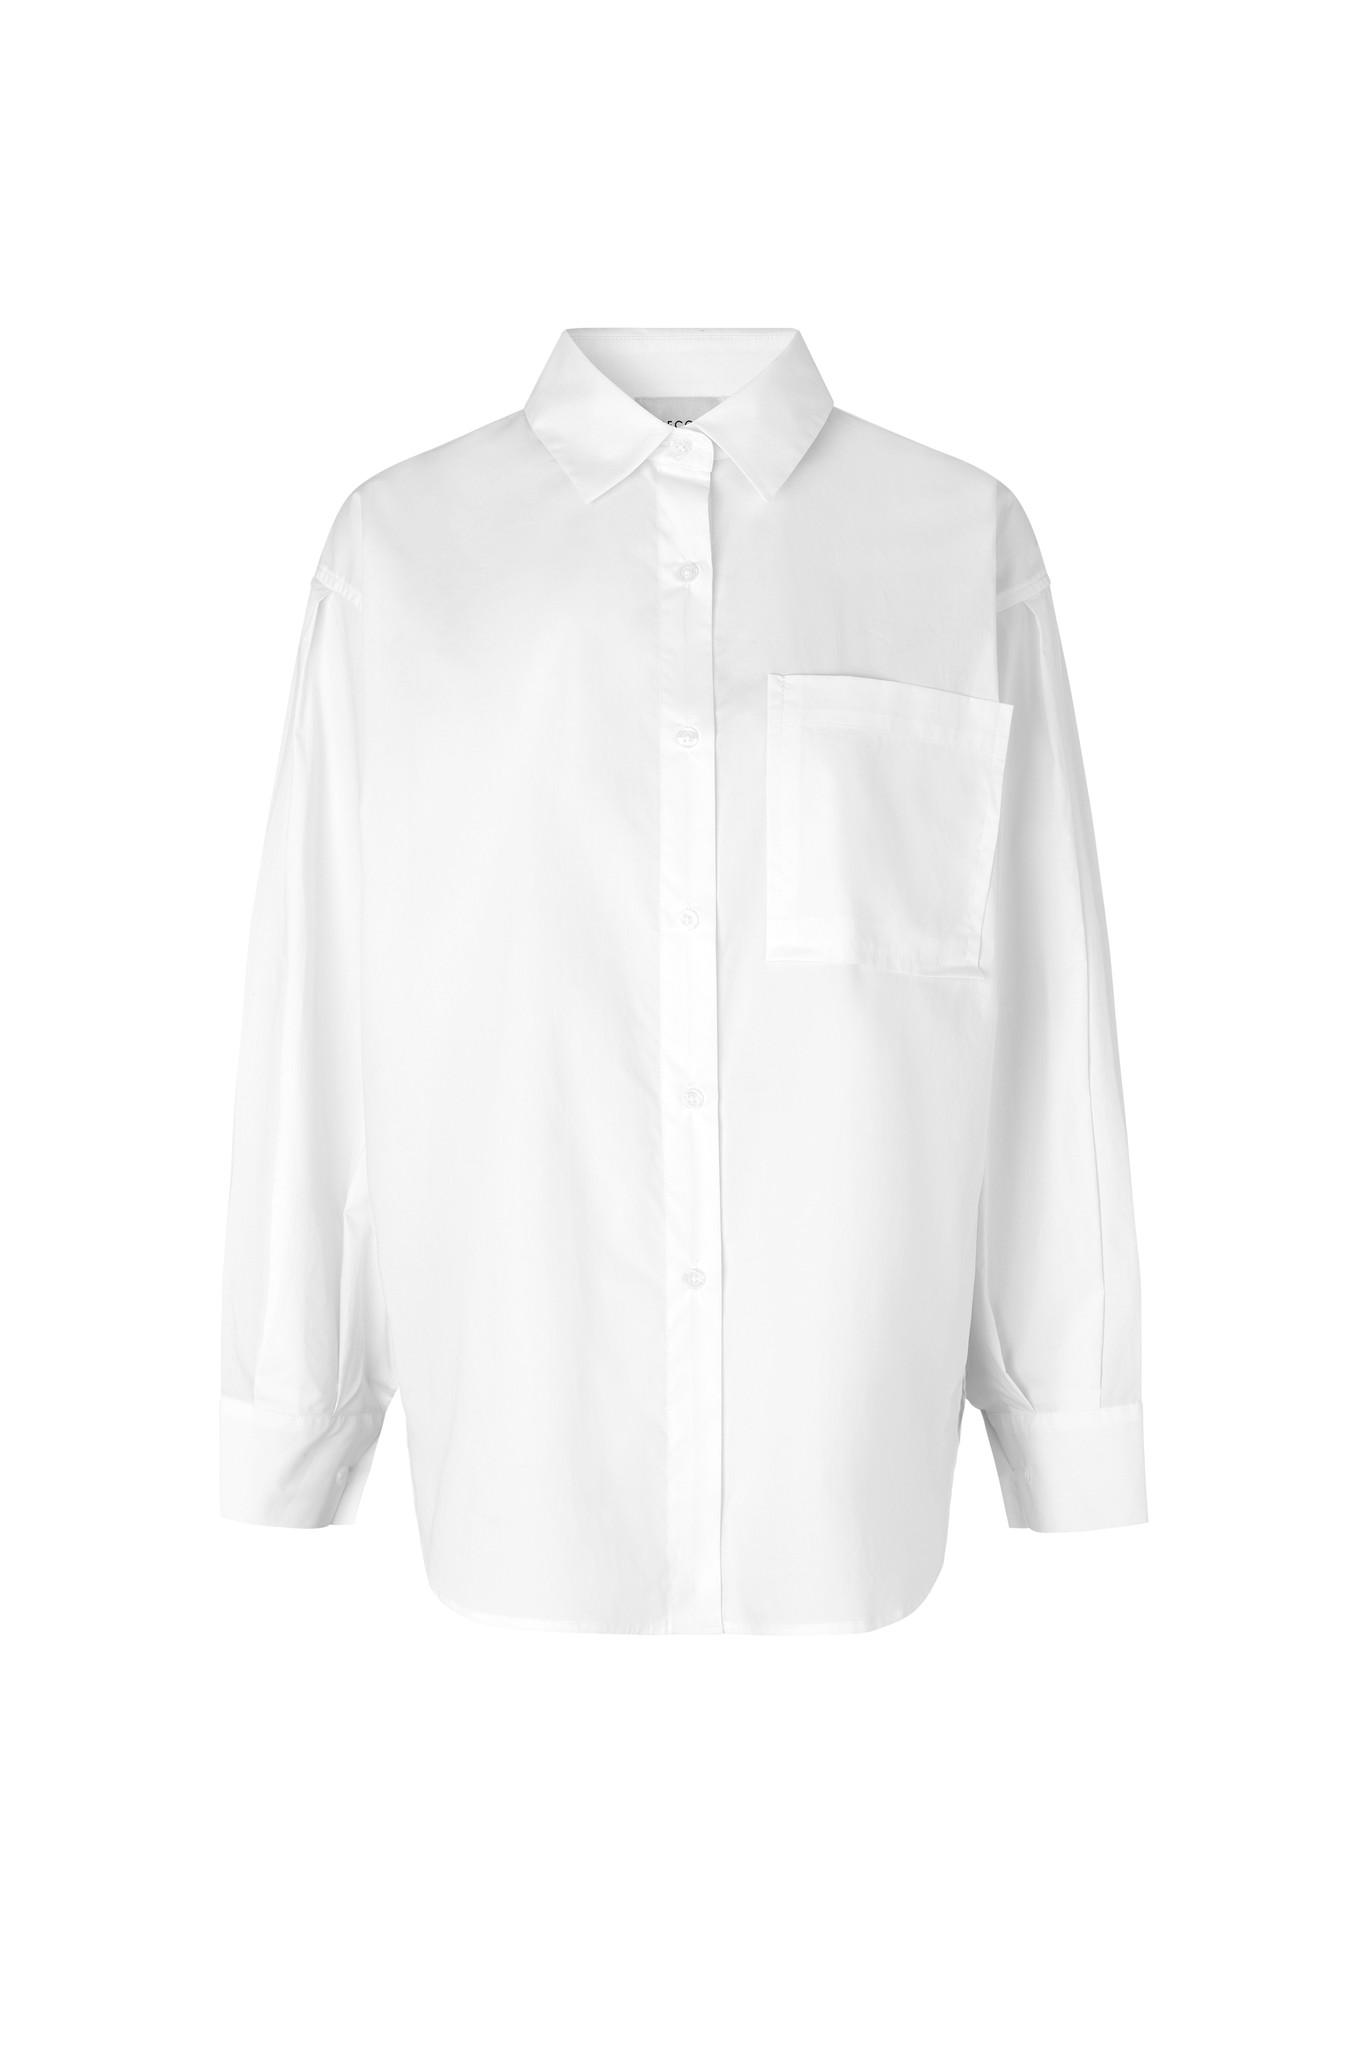 Larkin New Shirt - White-1